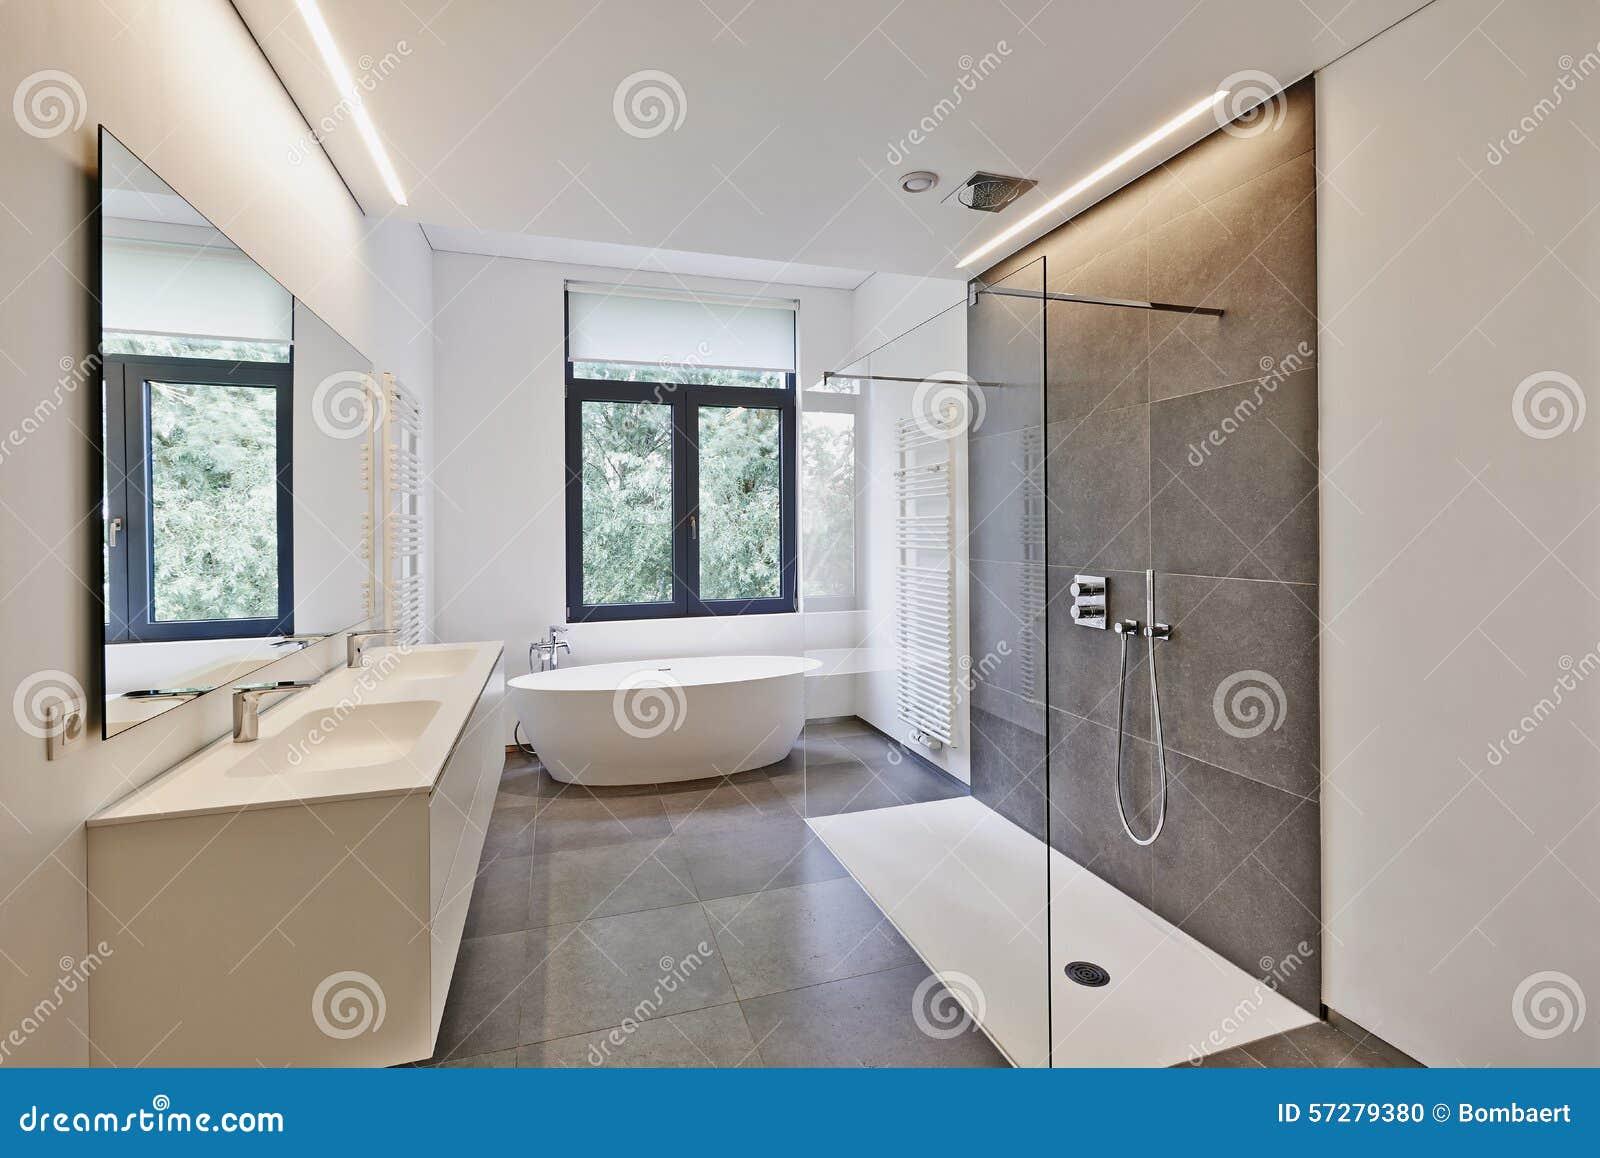 luxury modern bathroom stock photo - image: 57279380